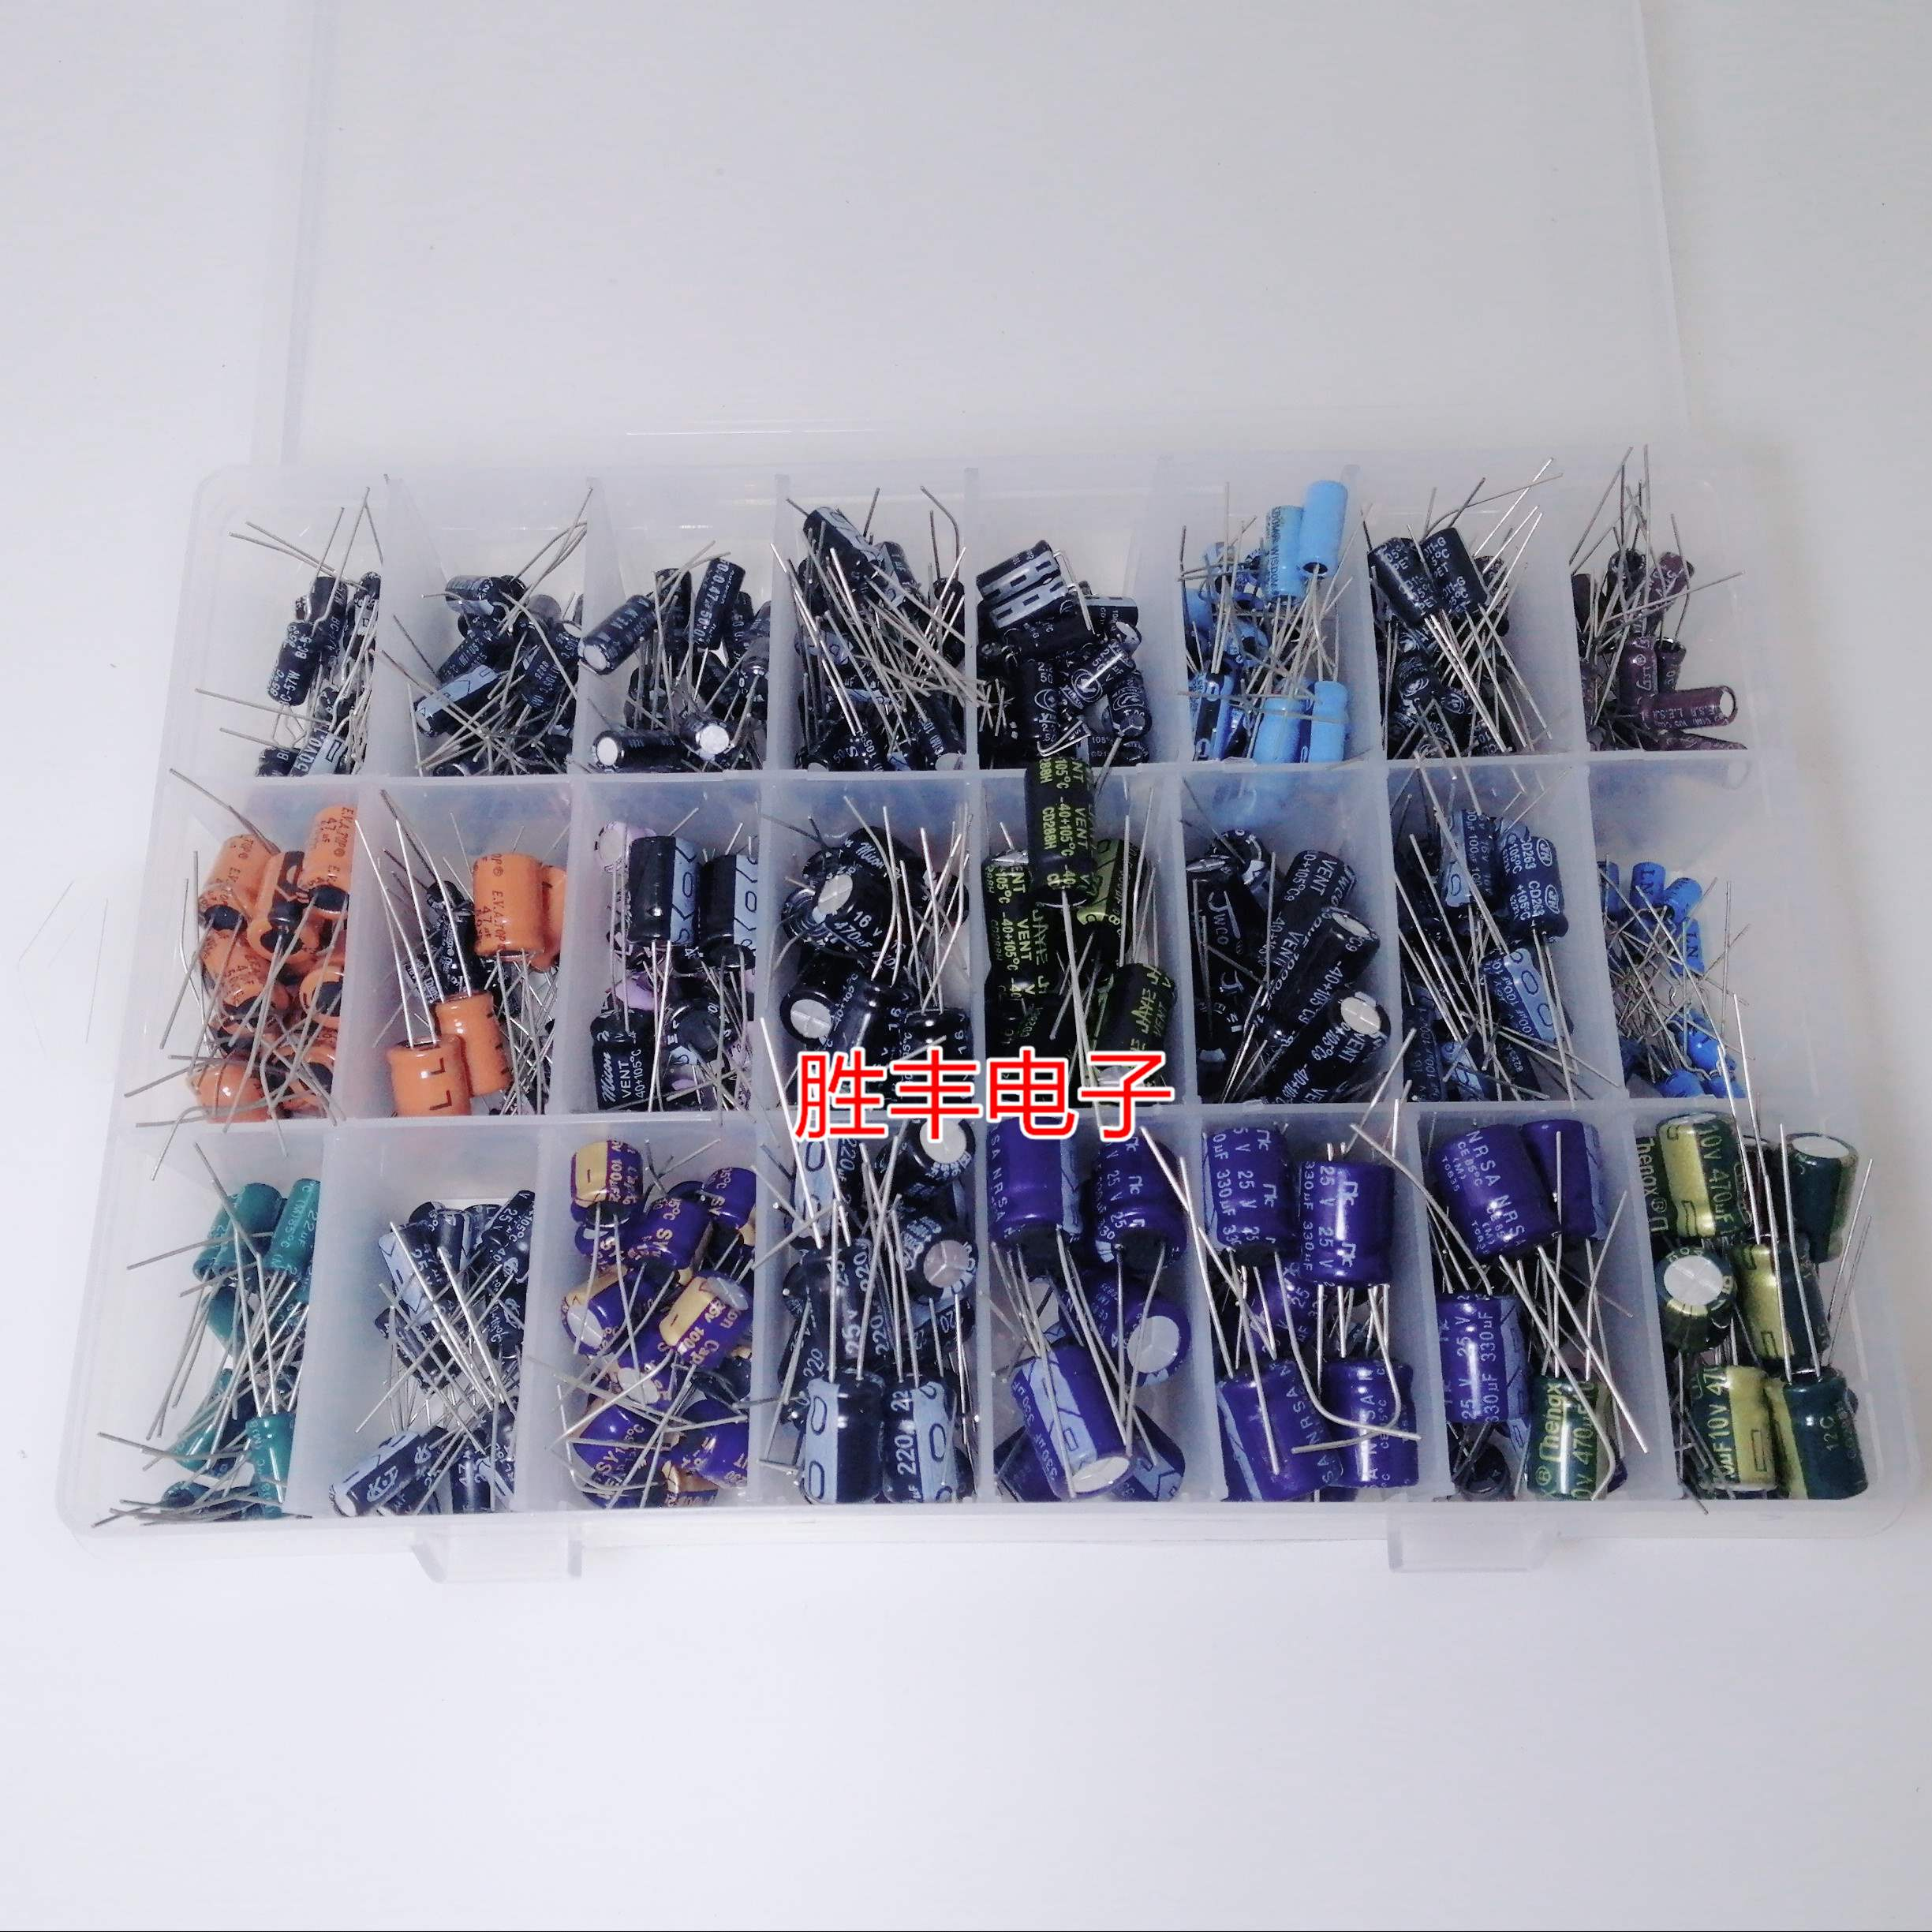 24種類の常用アルミ電解コンデンサ10 v-50 vコンデンサ0.1 uf-1000 ufダイレクトプラグ